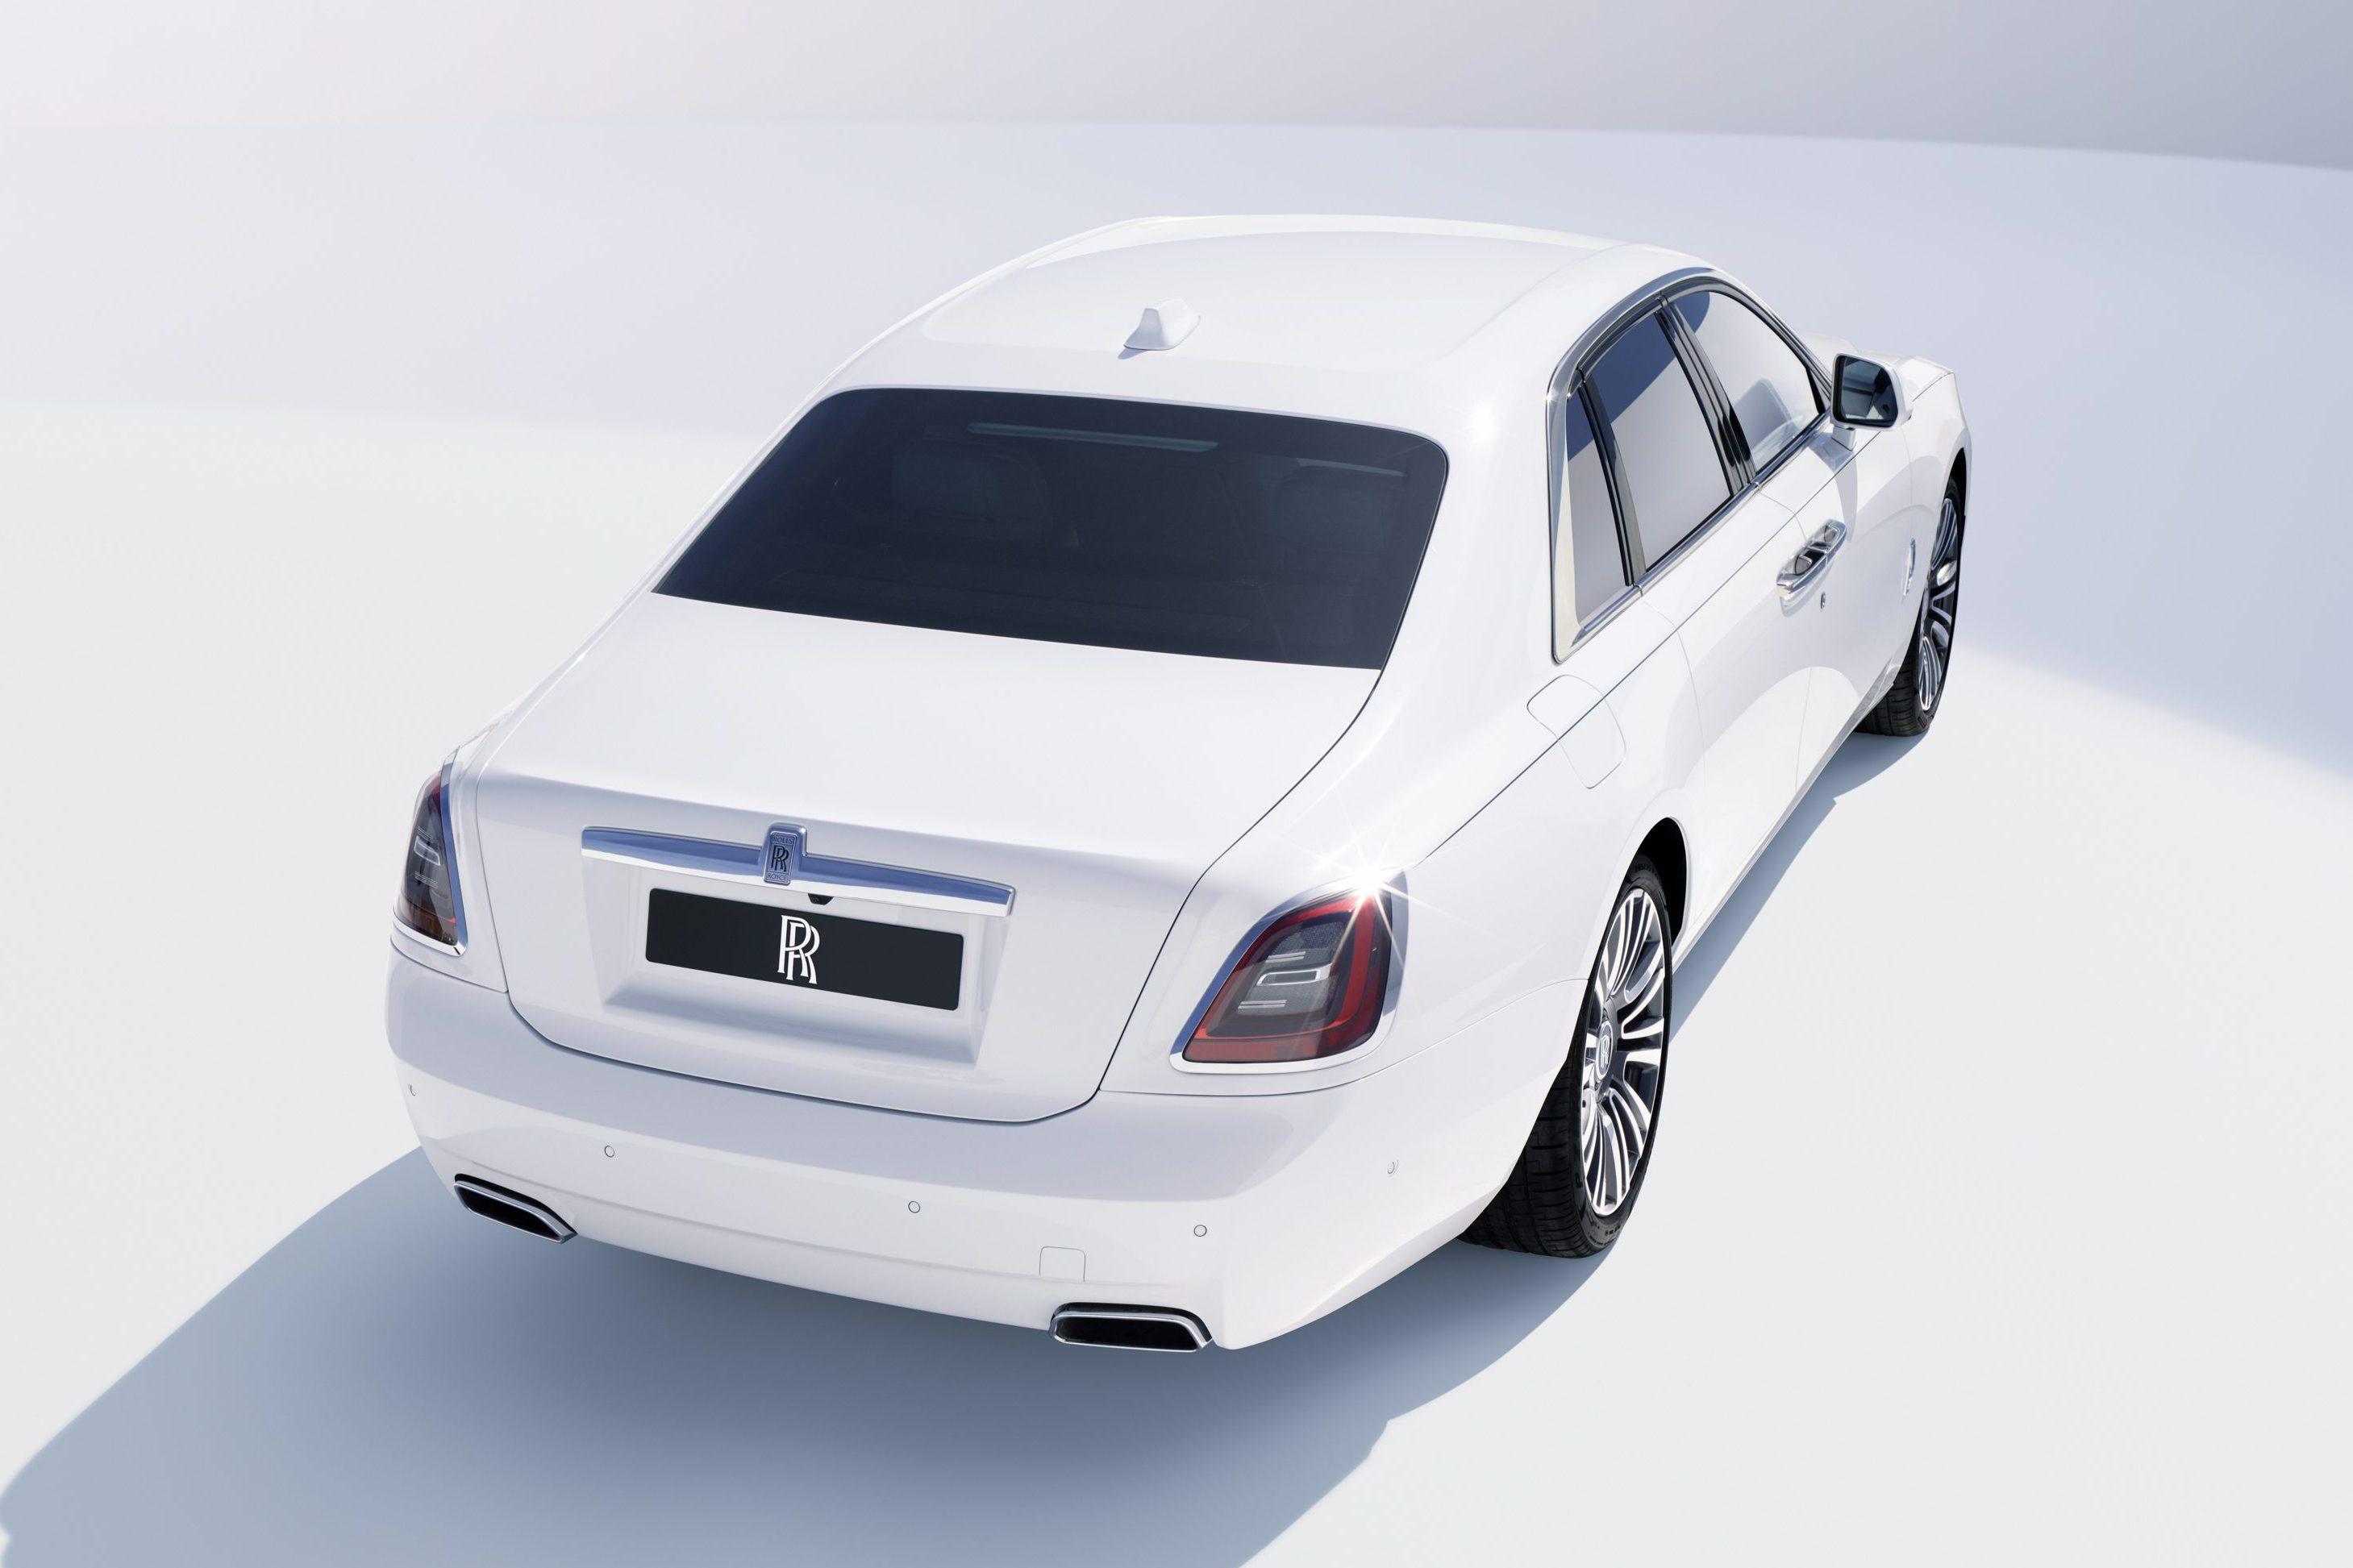 Rolls Royce Ghost Dispensa Plataforma De Bmw E Se Torna Mini Phantom Quatro Rodas